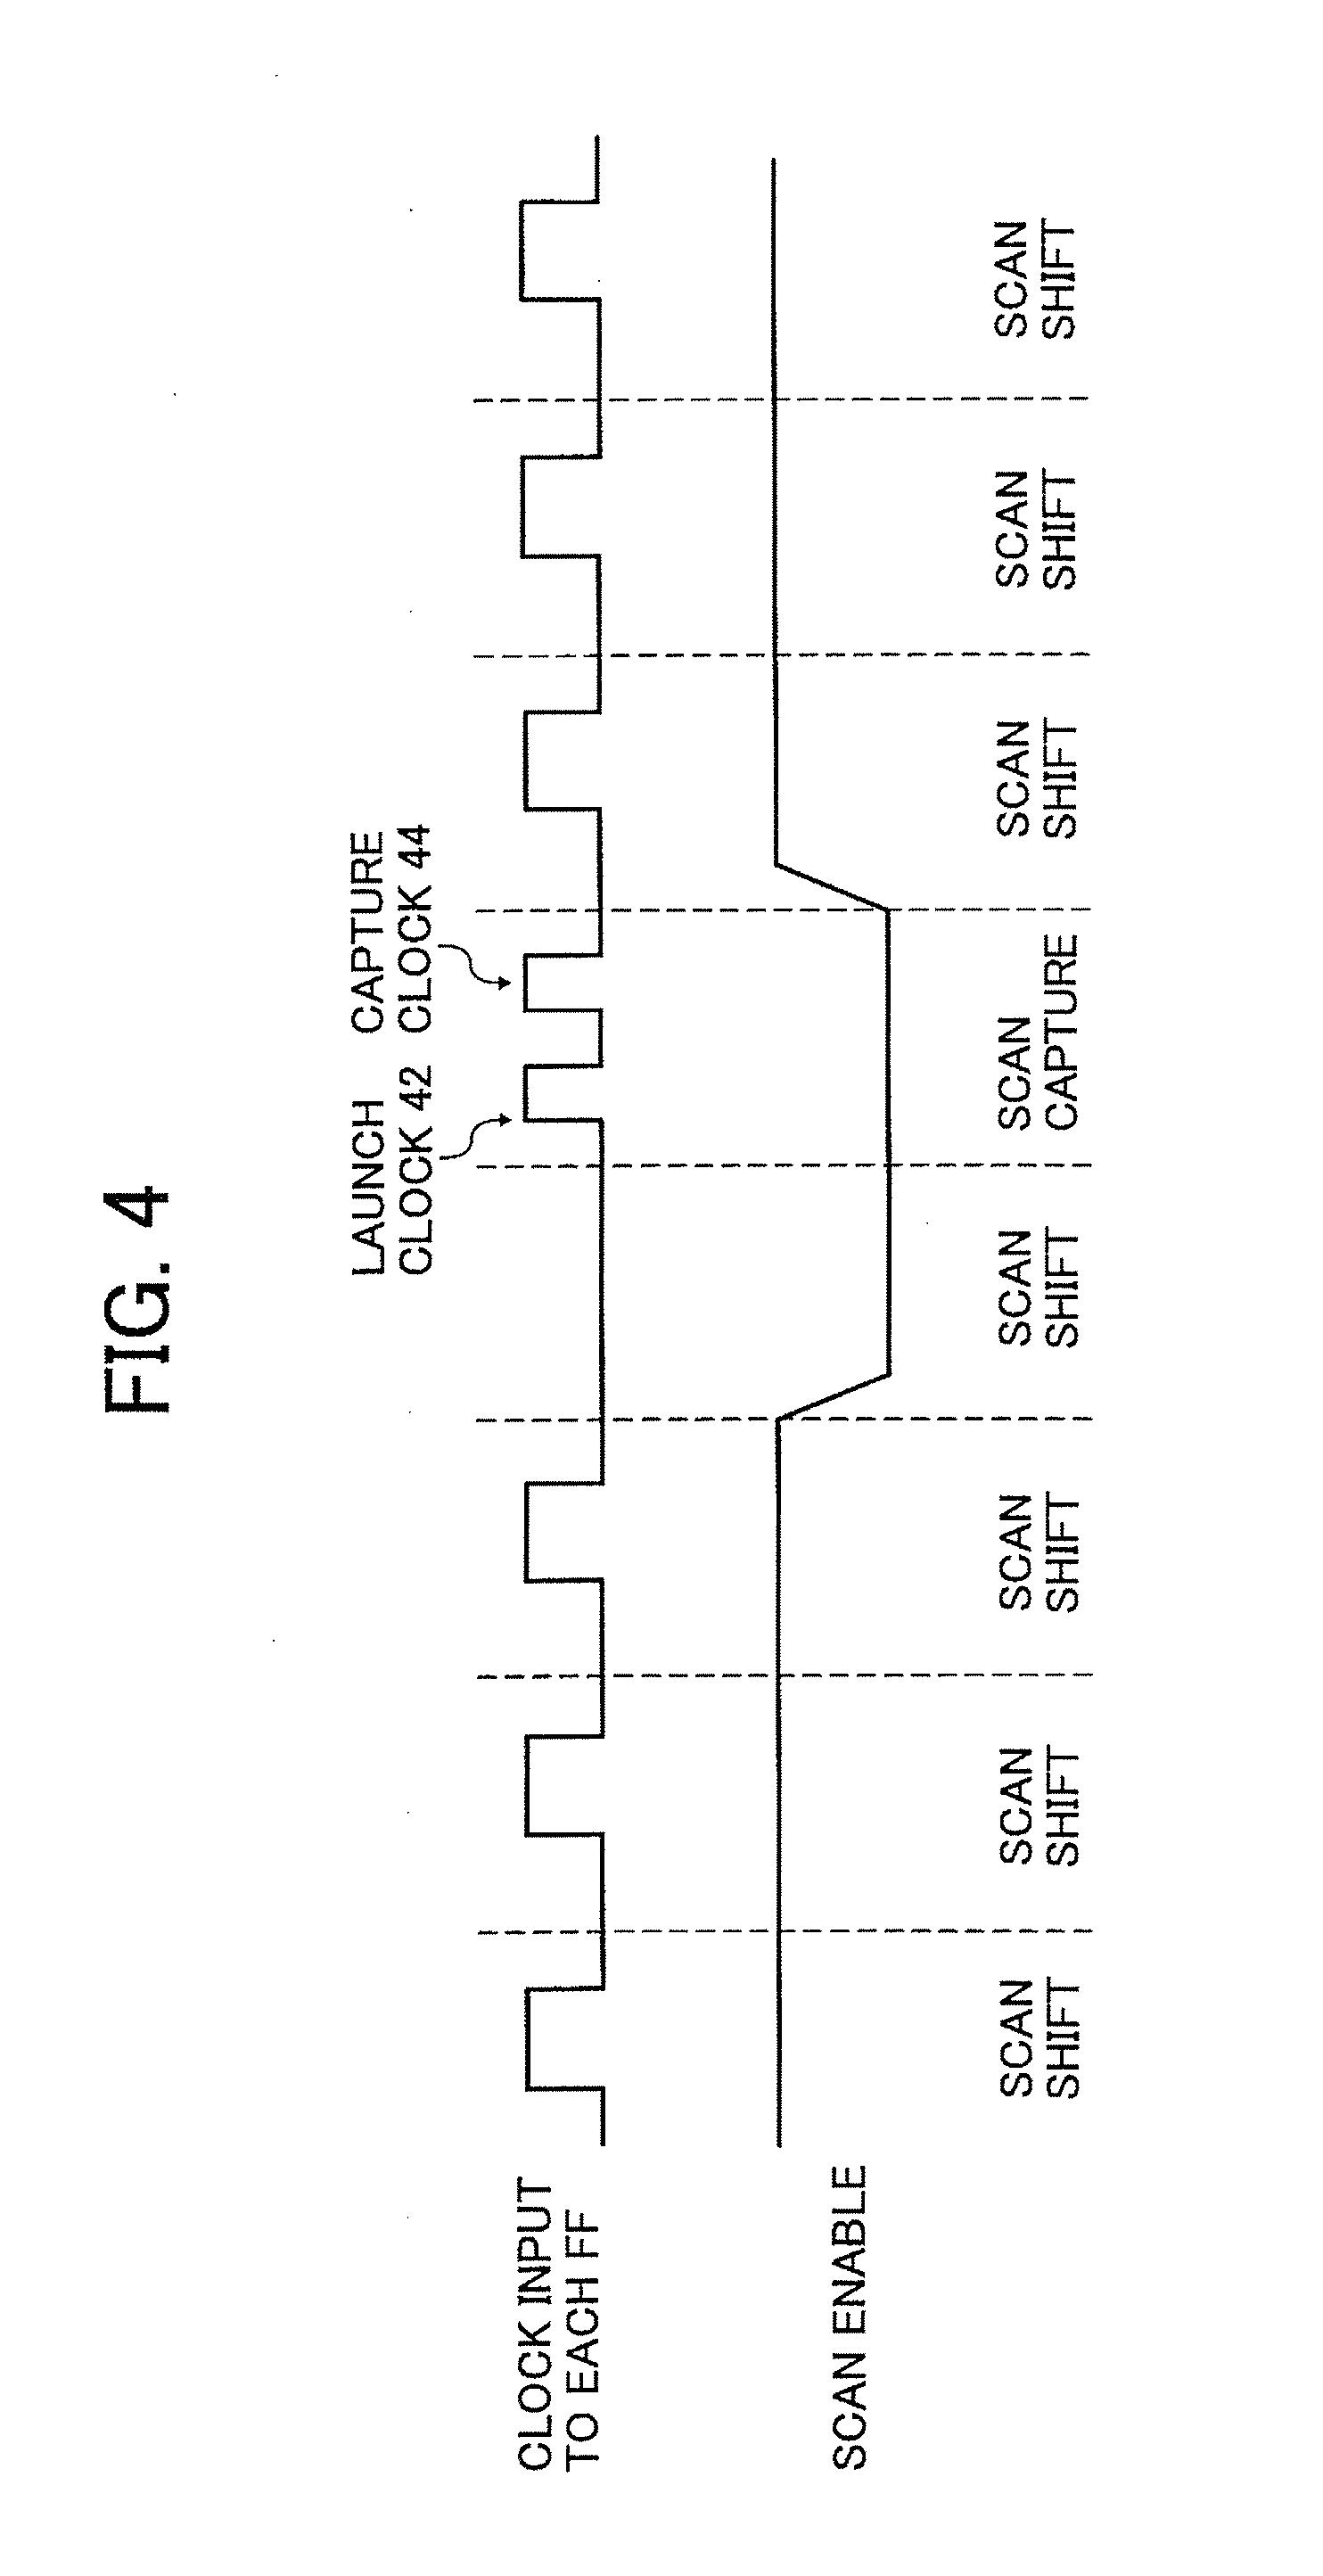 patent us20080222470